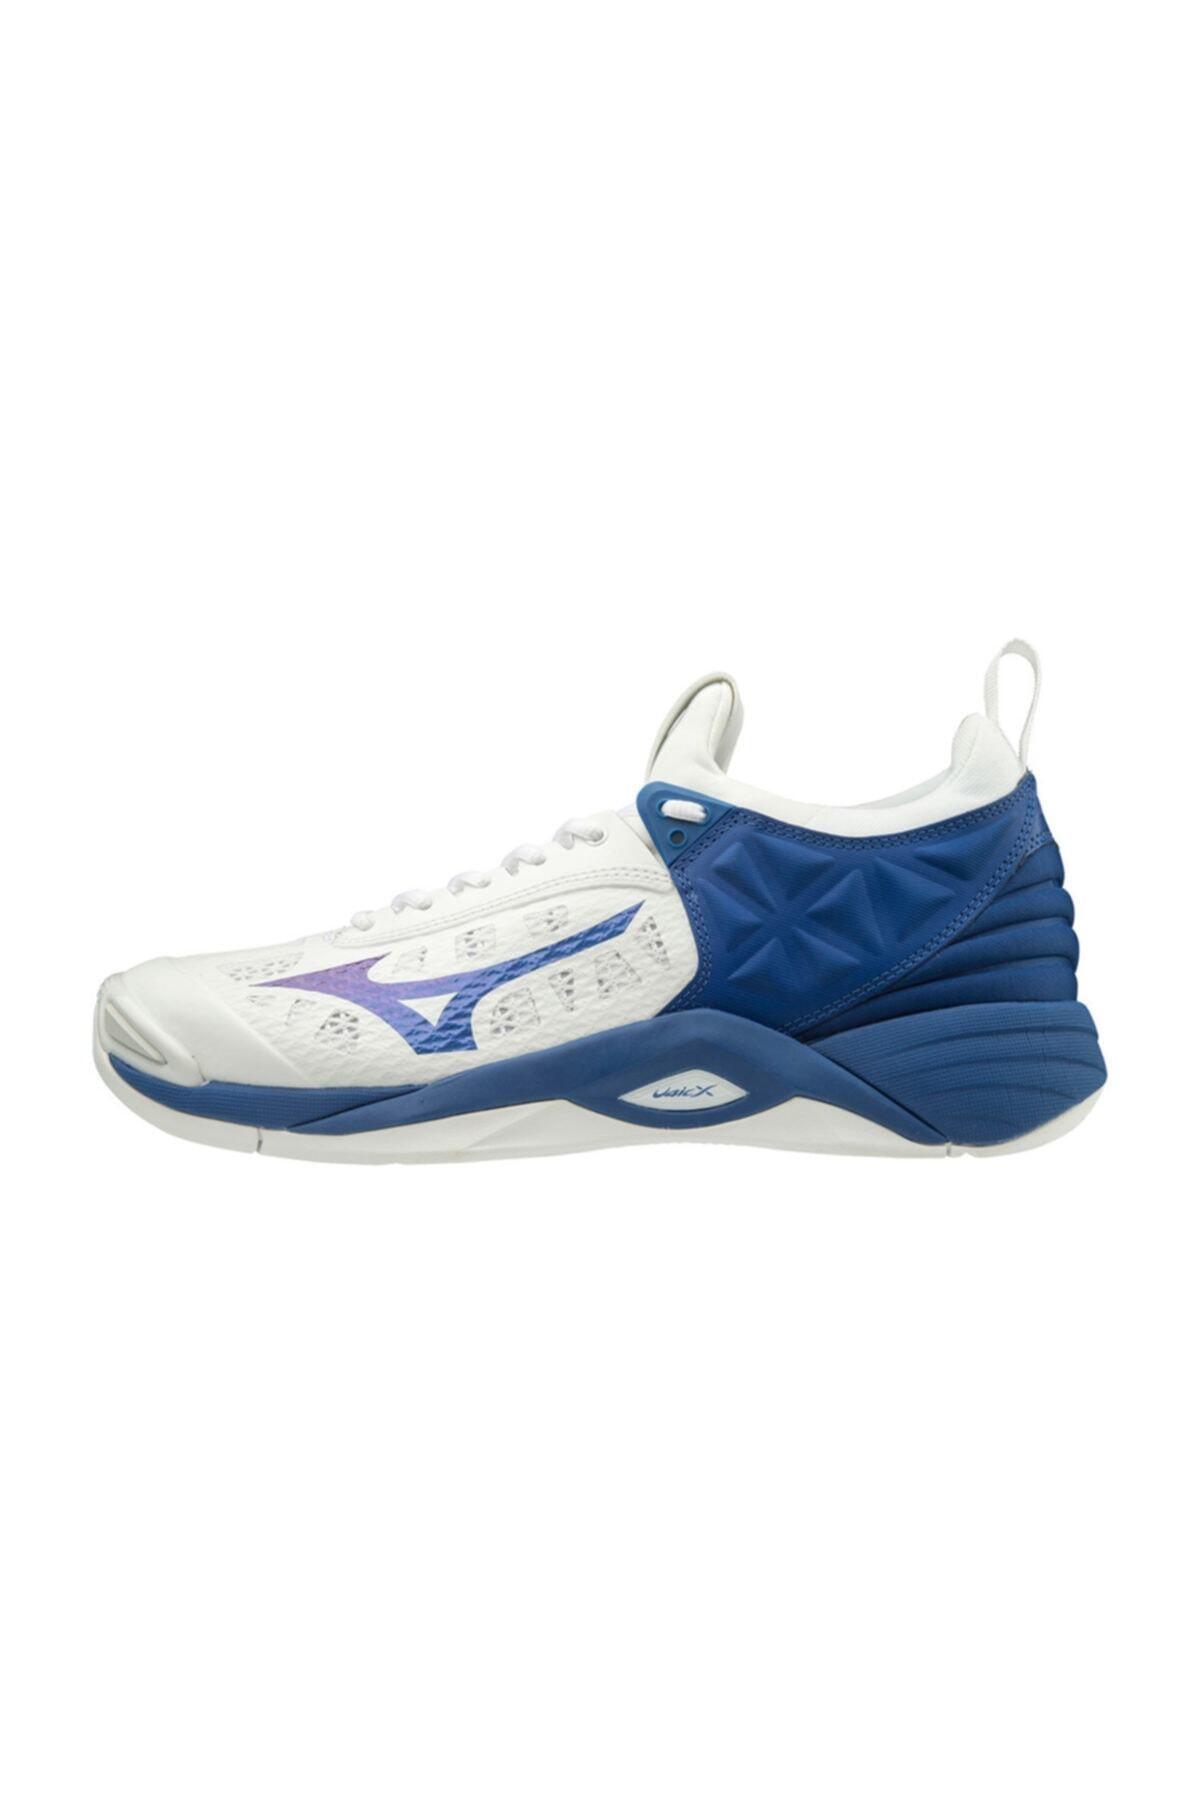 MIZUNO Wave Momentum Voleybol Ayakkabısı Beyaz/mavi 2